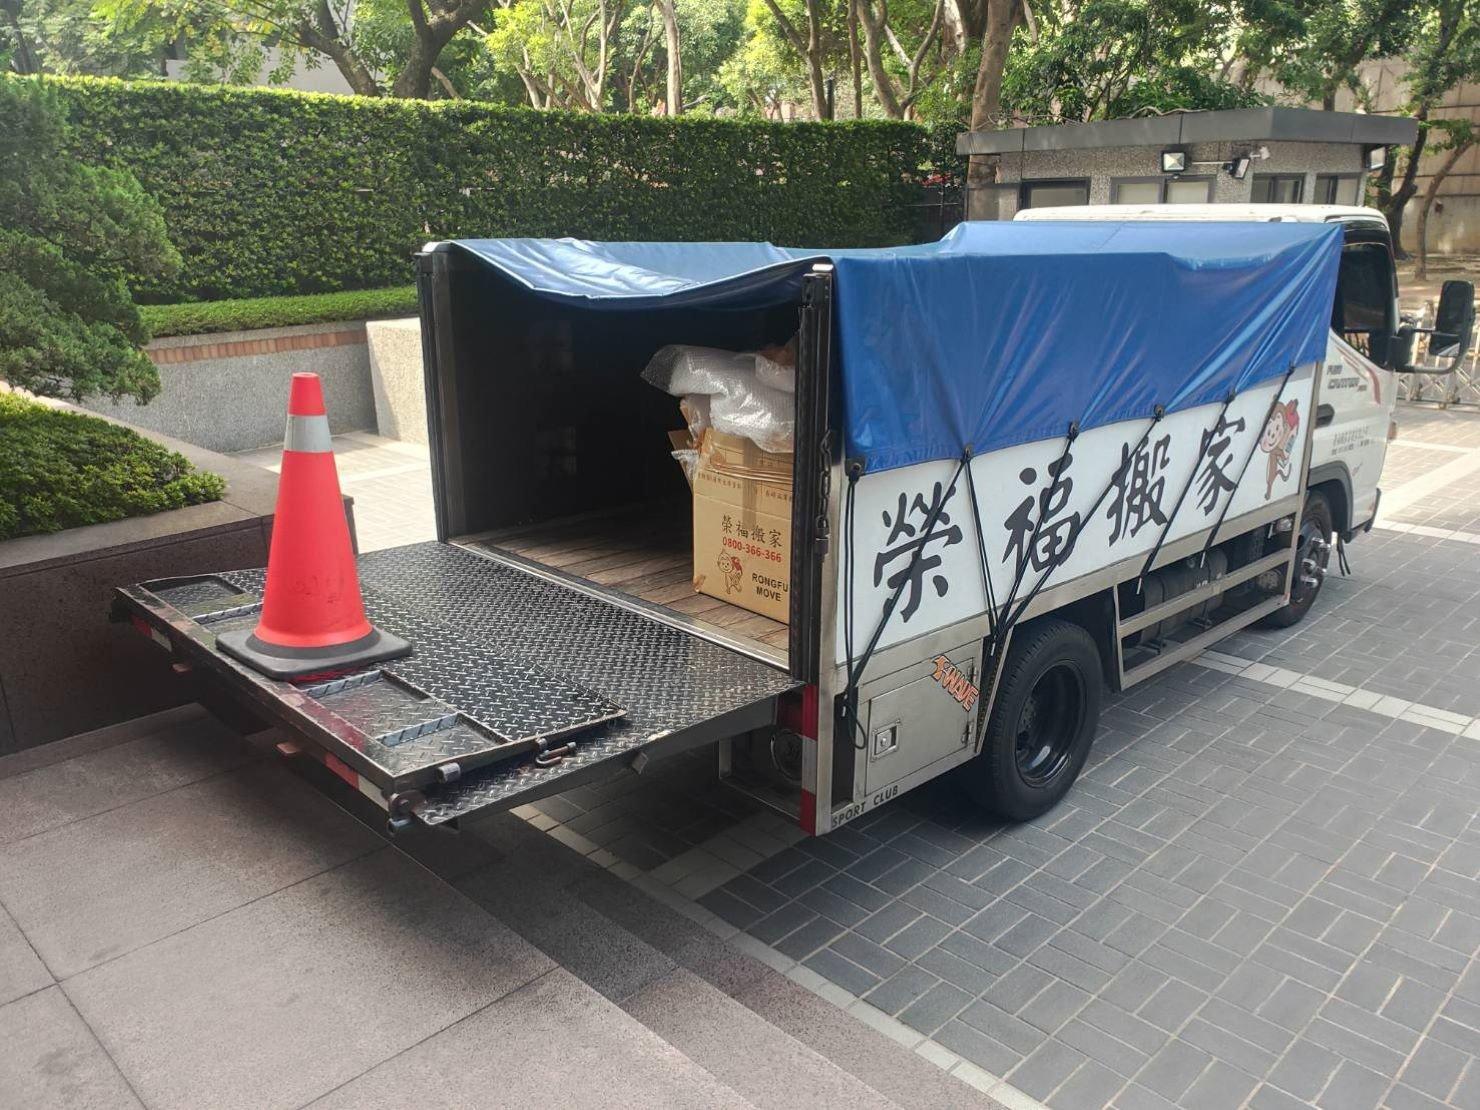 專搬鋼琴【榮福搬家公司】搬重物、口碑第一、台北搬家:將貨車升降板放下與階梯平行,利用板車將鋼琴等物件運送下車送往大廳內。